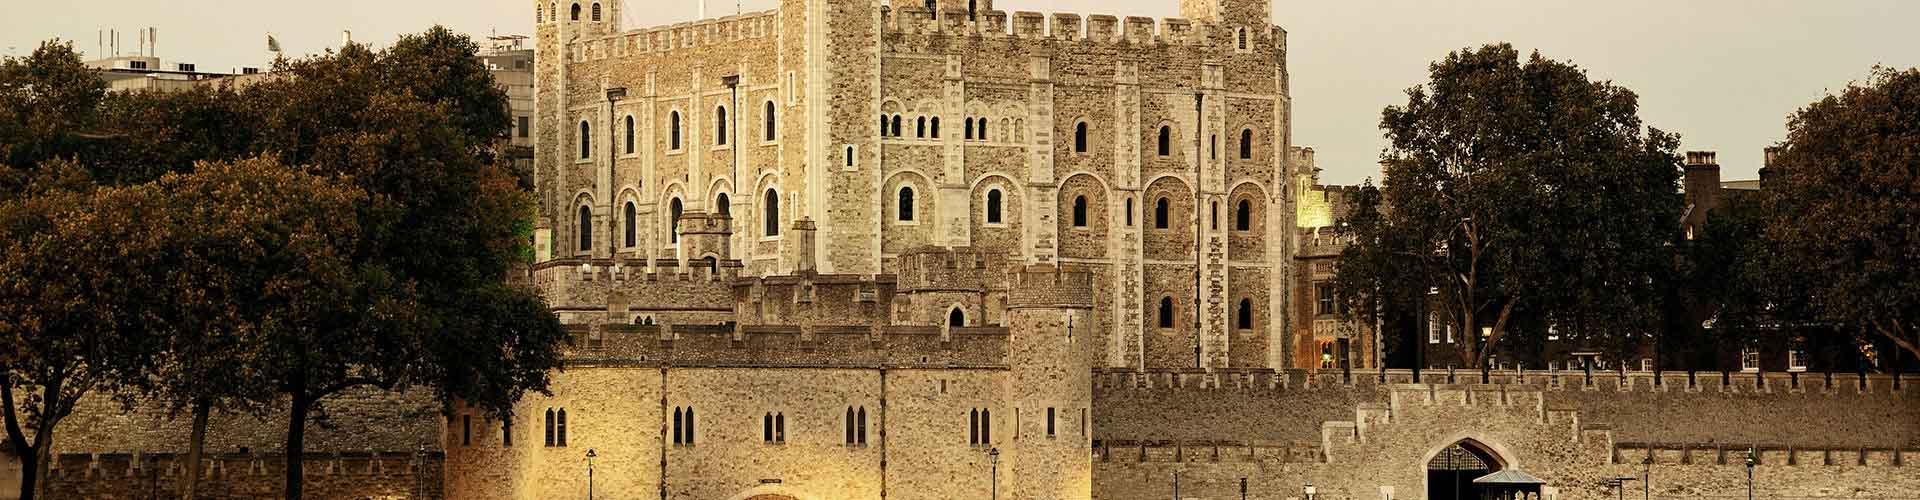 런던 - 런던 타워와 가까운 호스텔. 런던의 지도, 런던에 위치한 호스텔 사진 및 후기 정보.